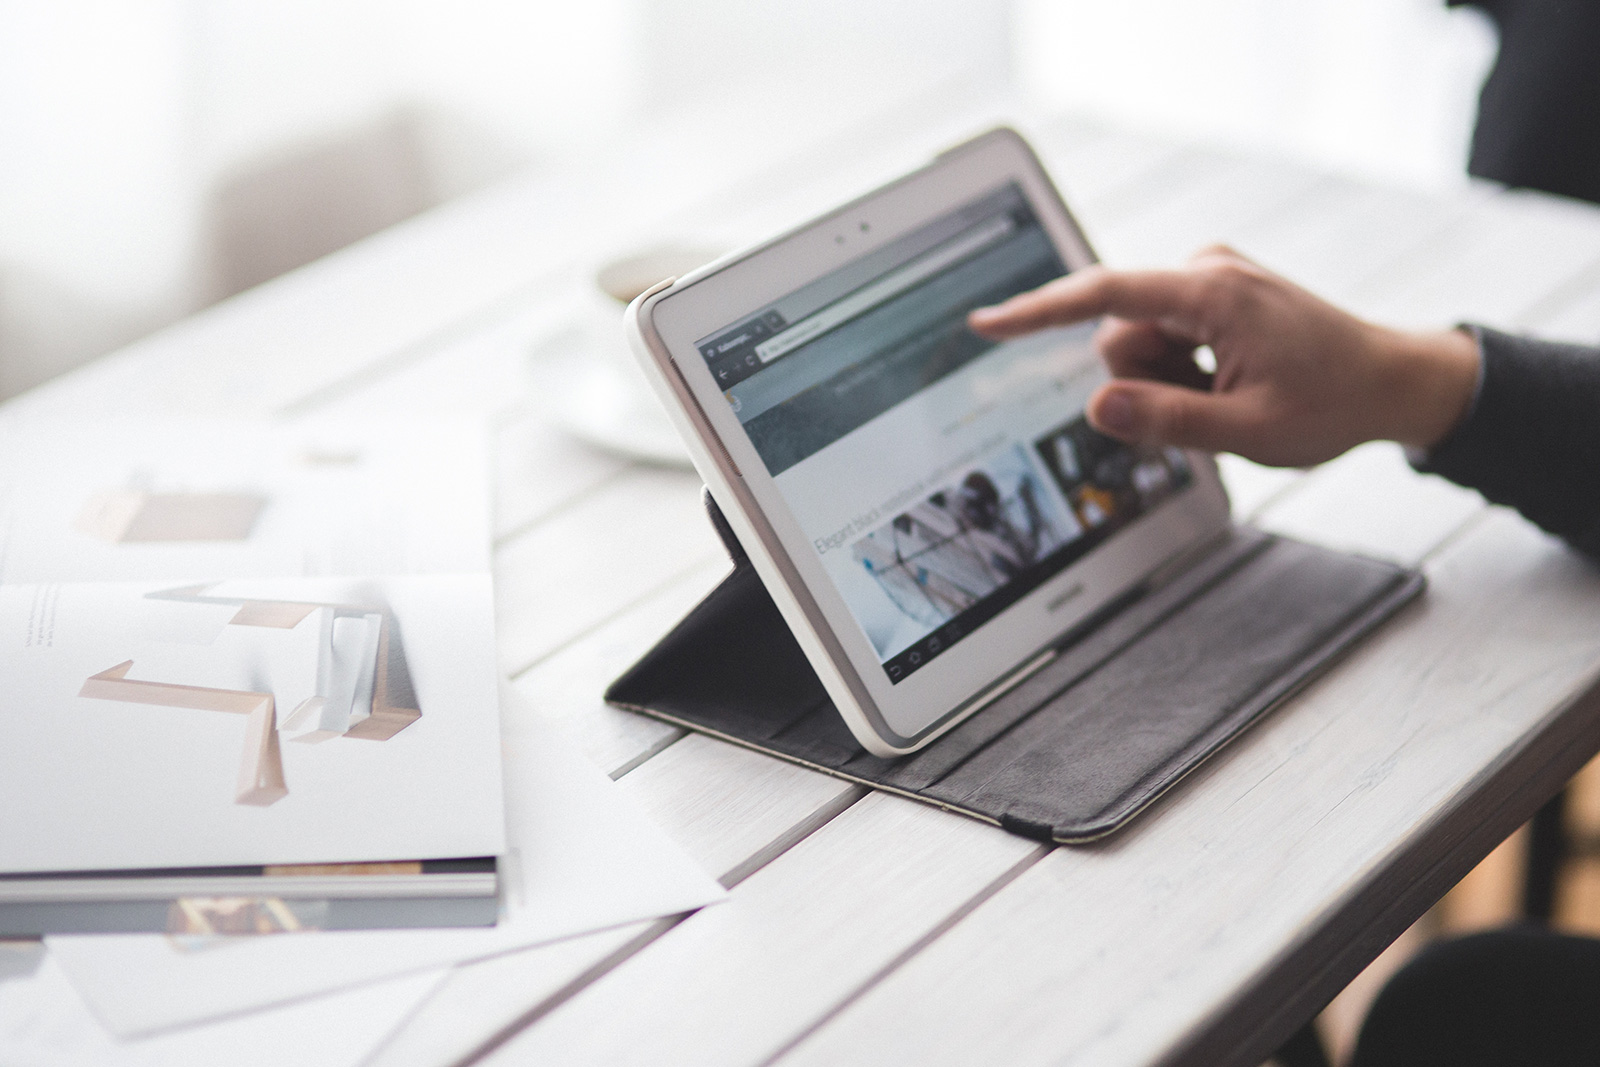 ¿Cómo puedo saber si tengo que preocuparme por mejorar la experiencia de cliente en mi negocio?